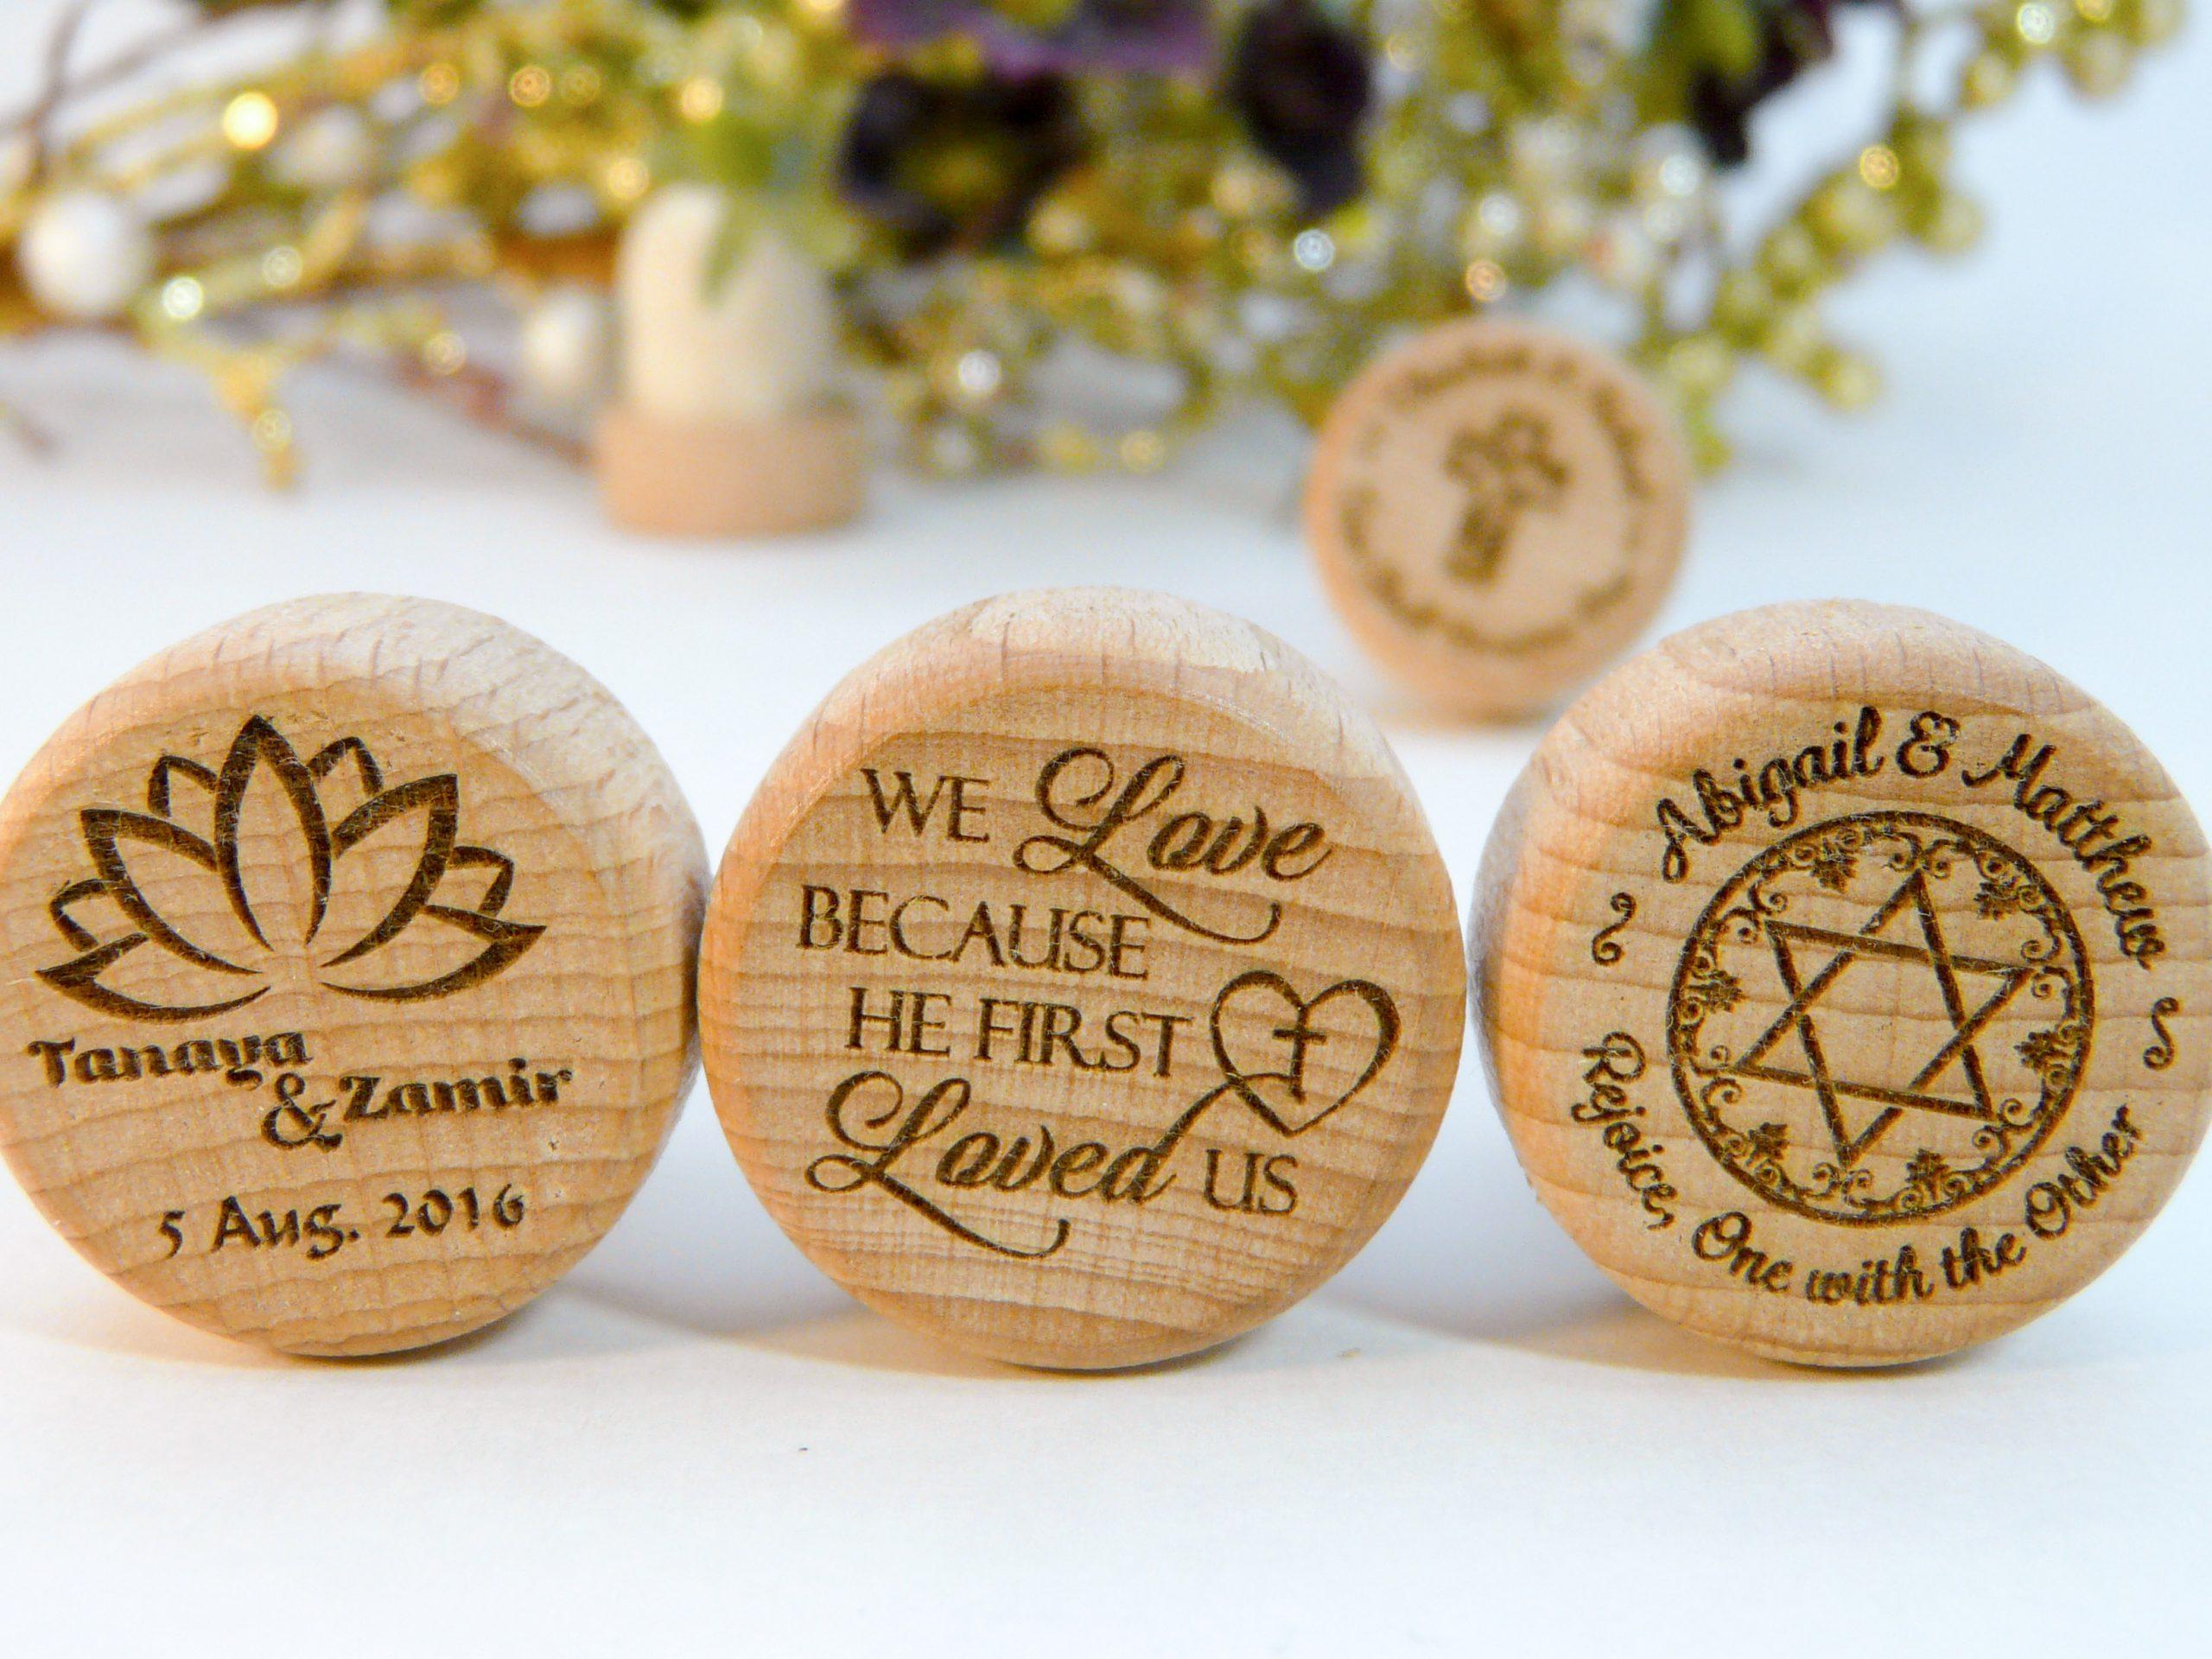 Religious & Spiritual Personalized Wine Stopper Designs